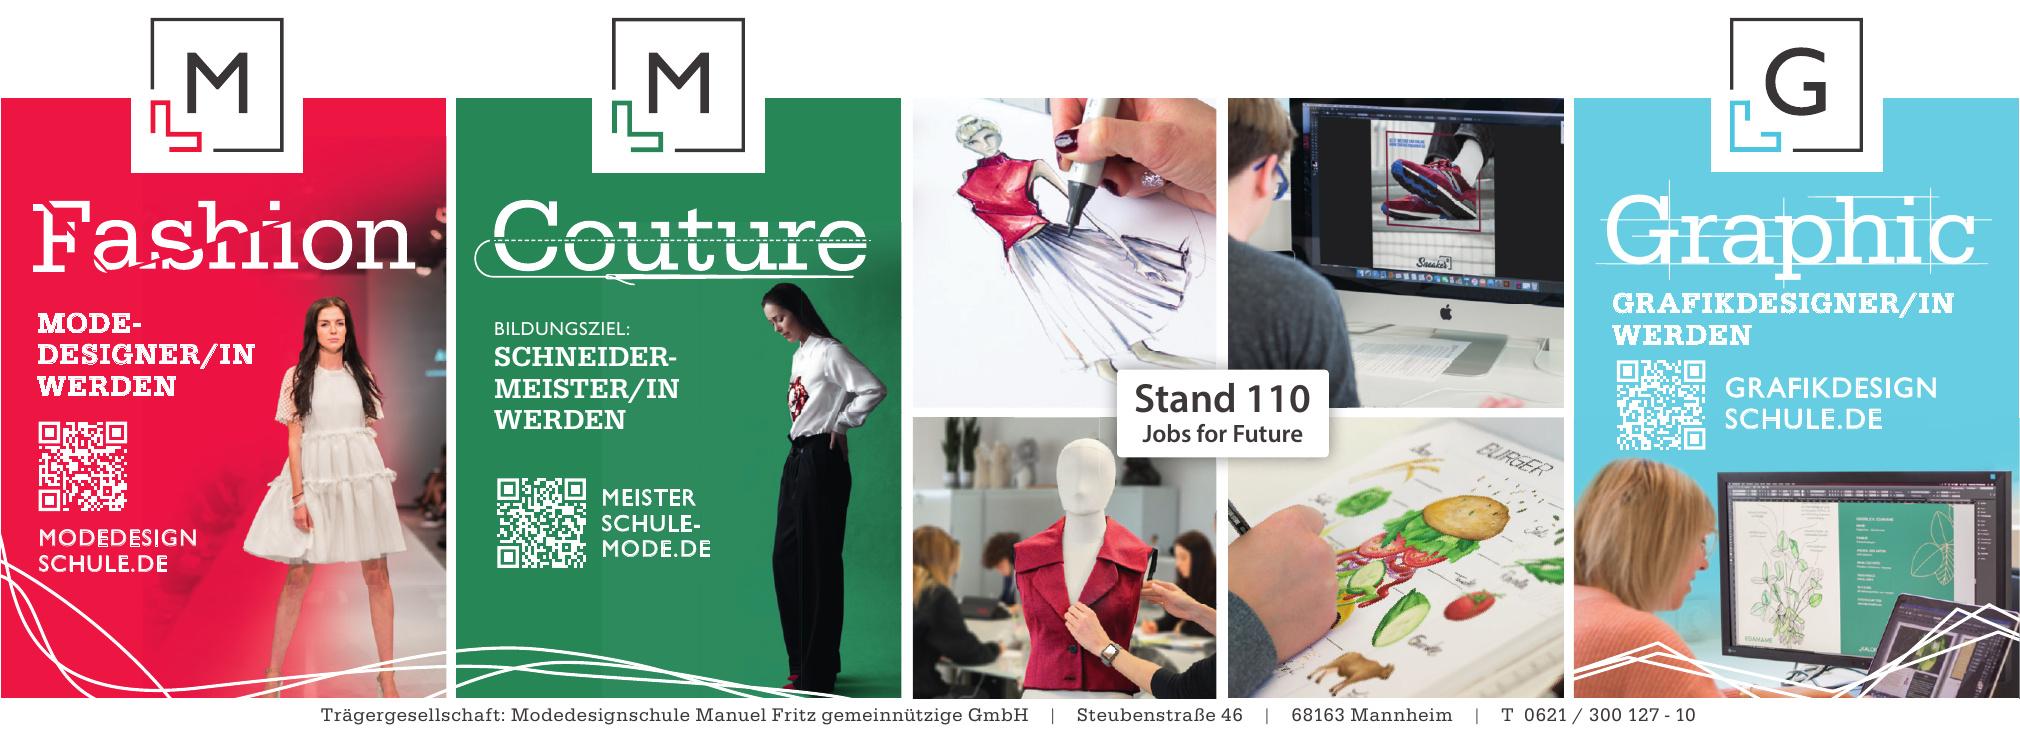 Trägergesellschaft: Modedesignschule Manuel Fritz gemeinnützige GmbH